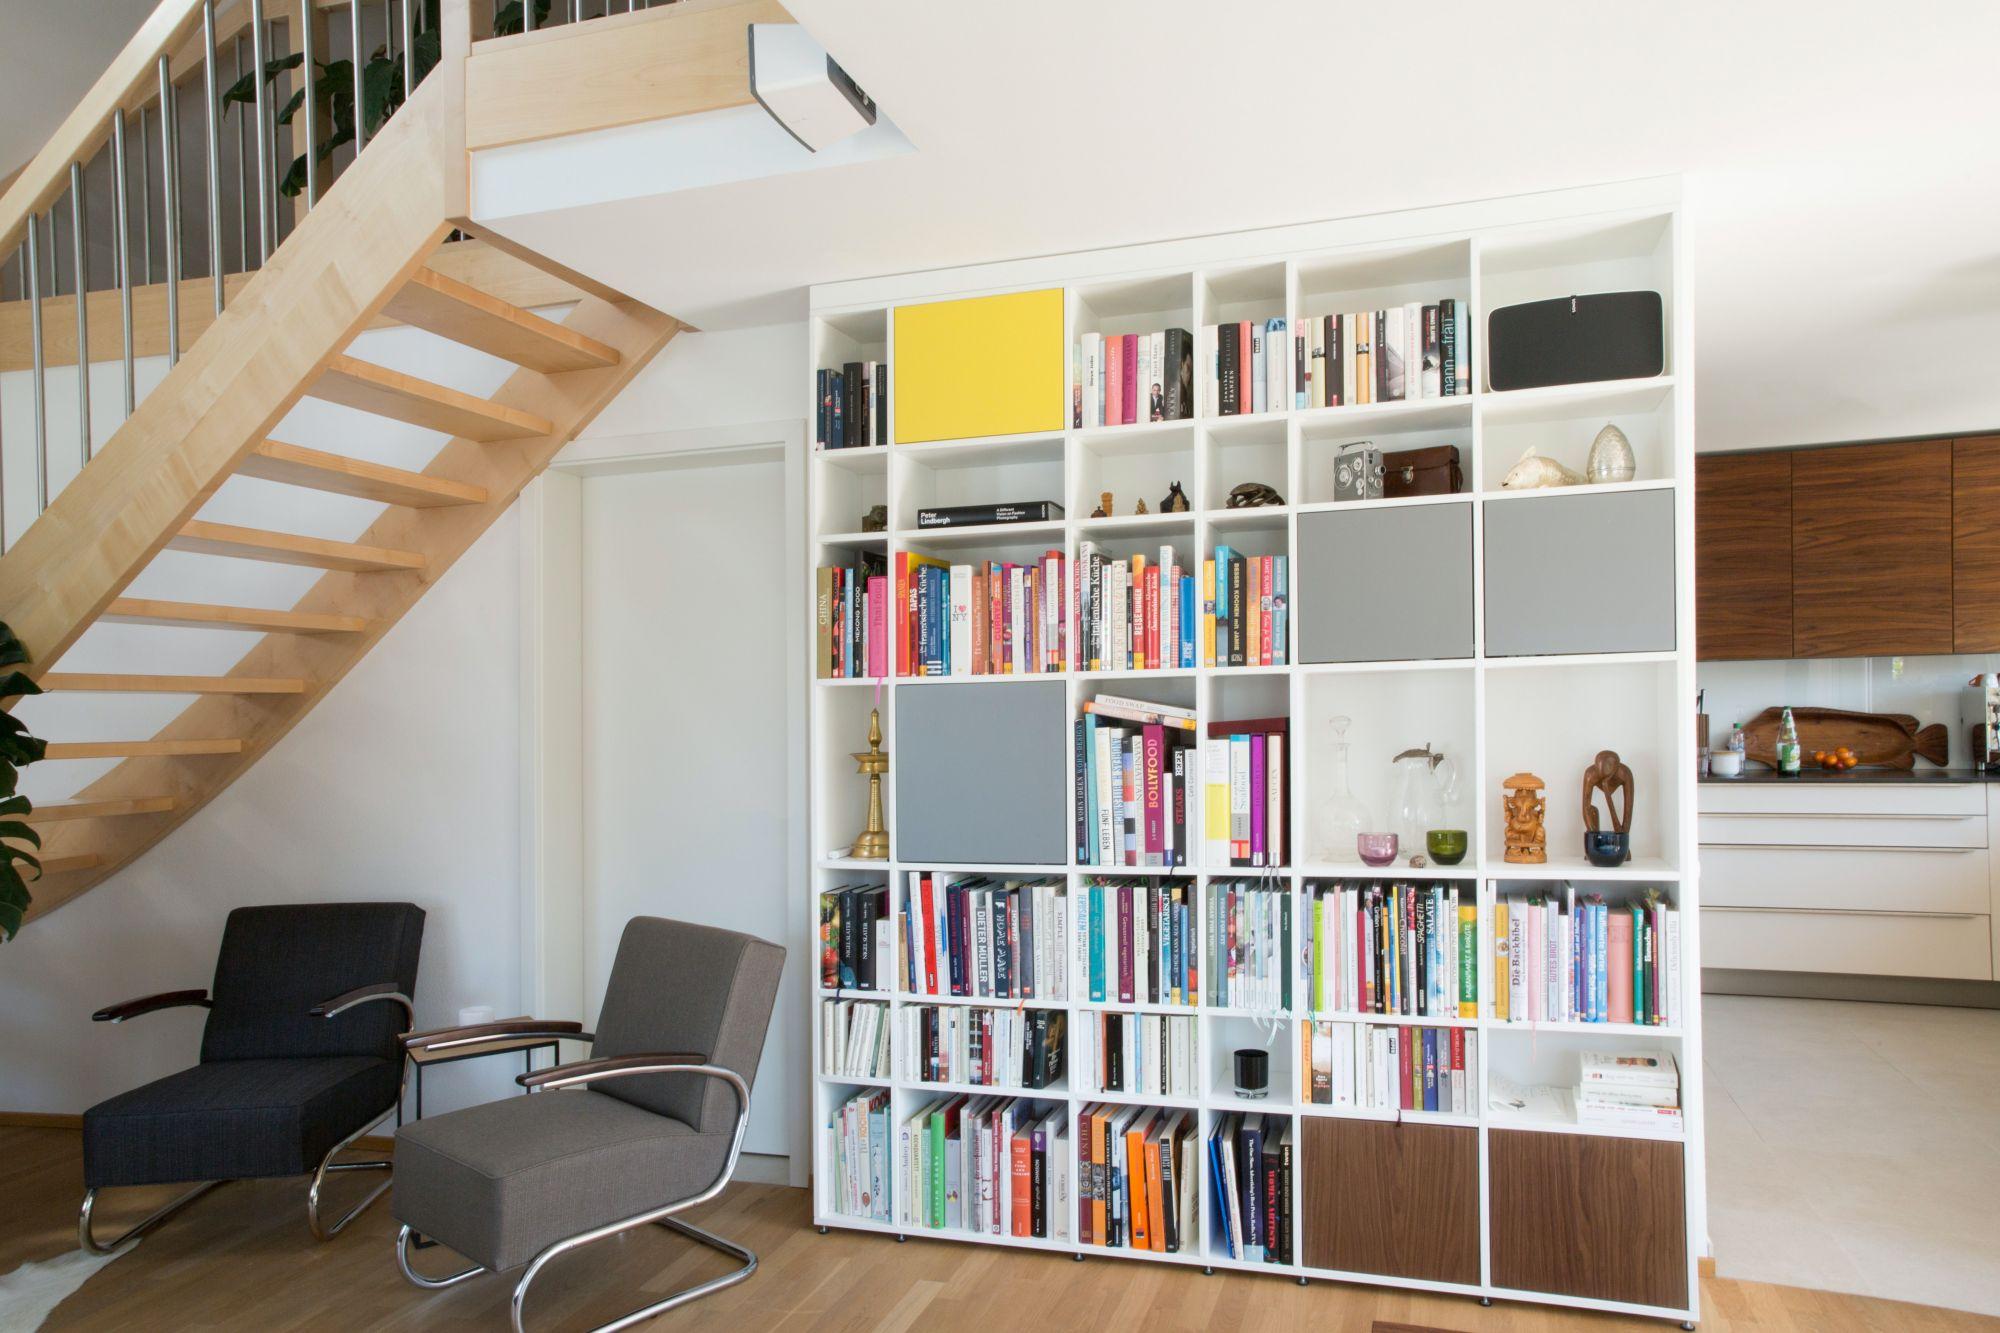 Libreria a tutt'altezza: un utile divisorio contemporaneo